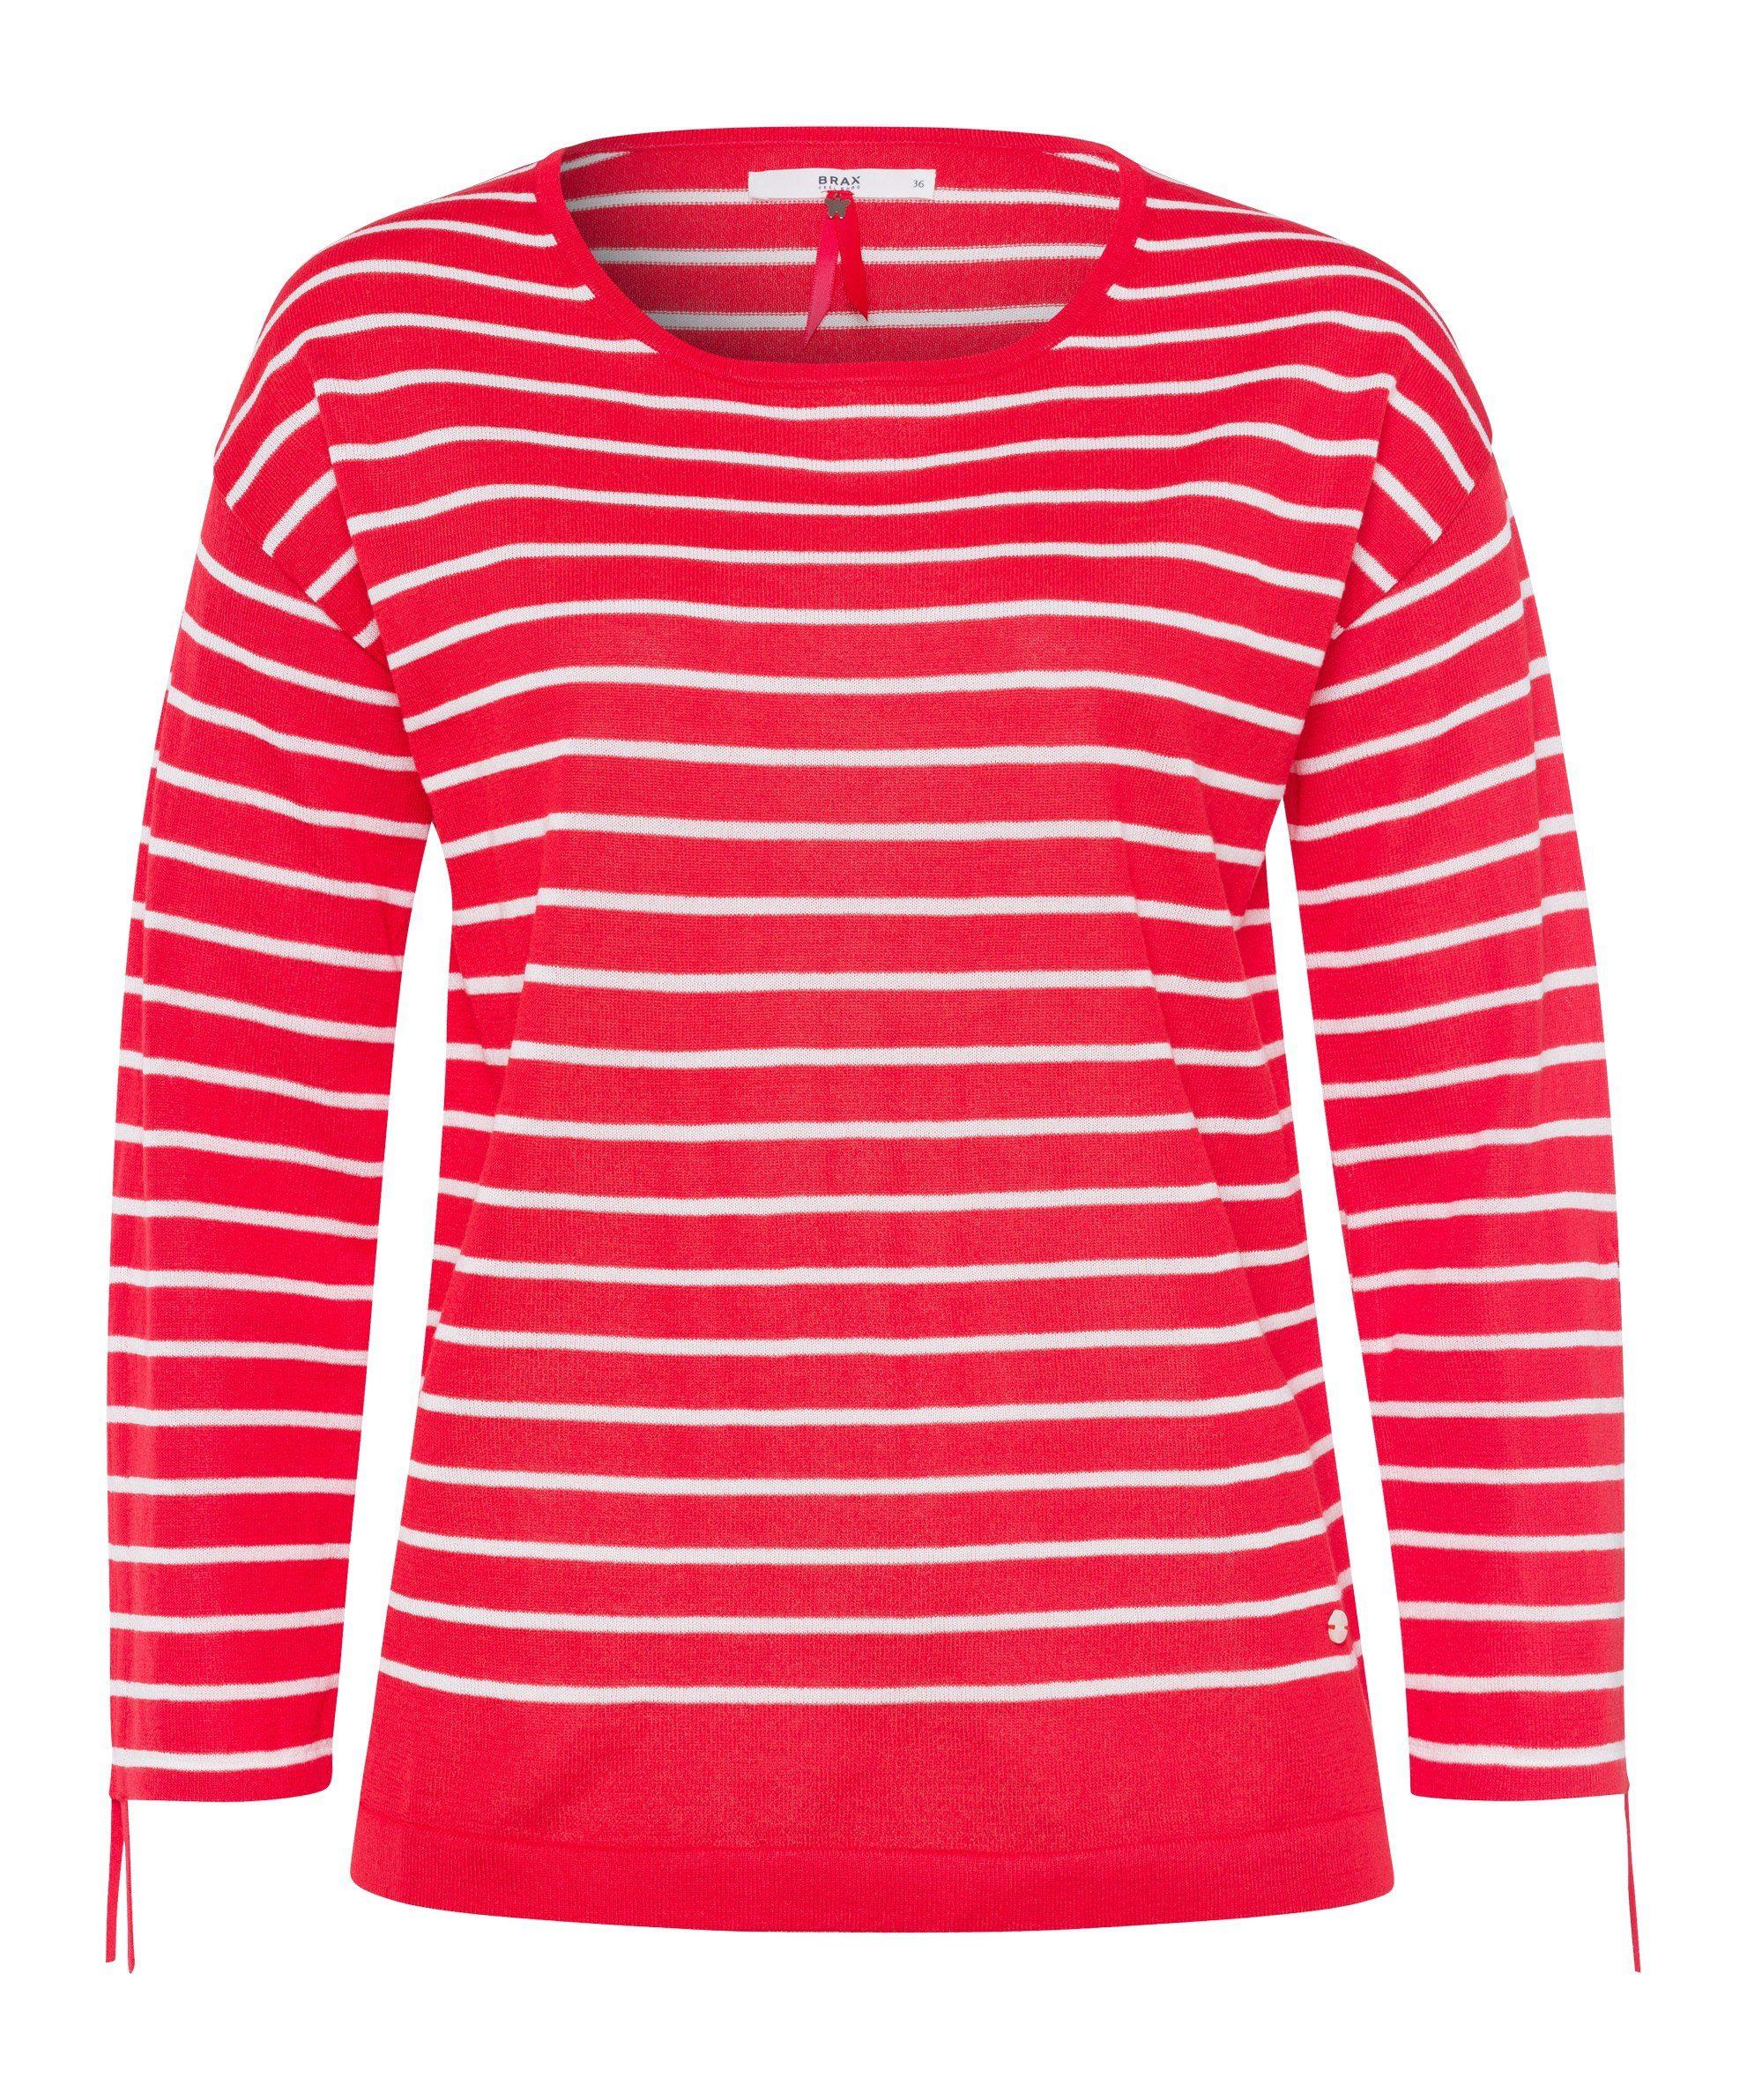 Brax Strickpullover »Style Lisa« online kaufen | OTTO